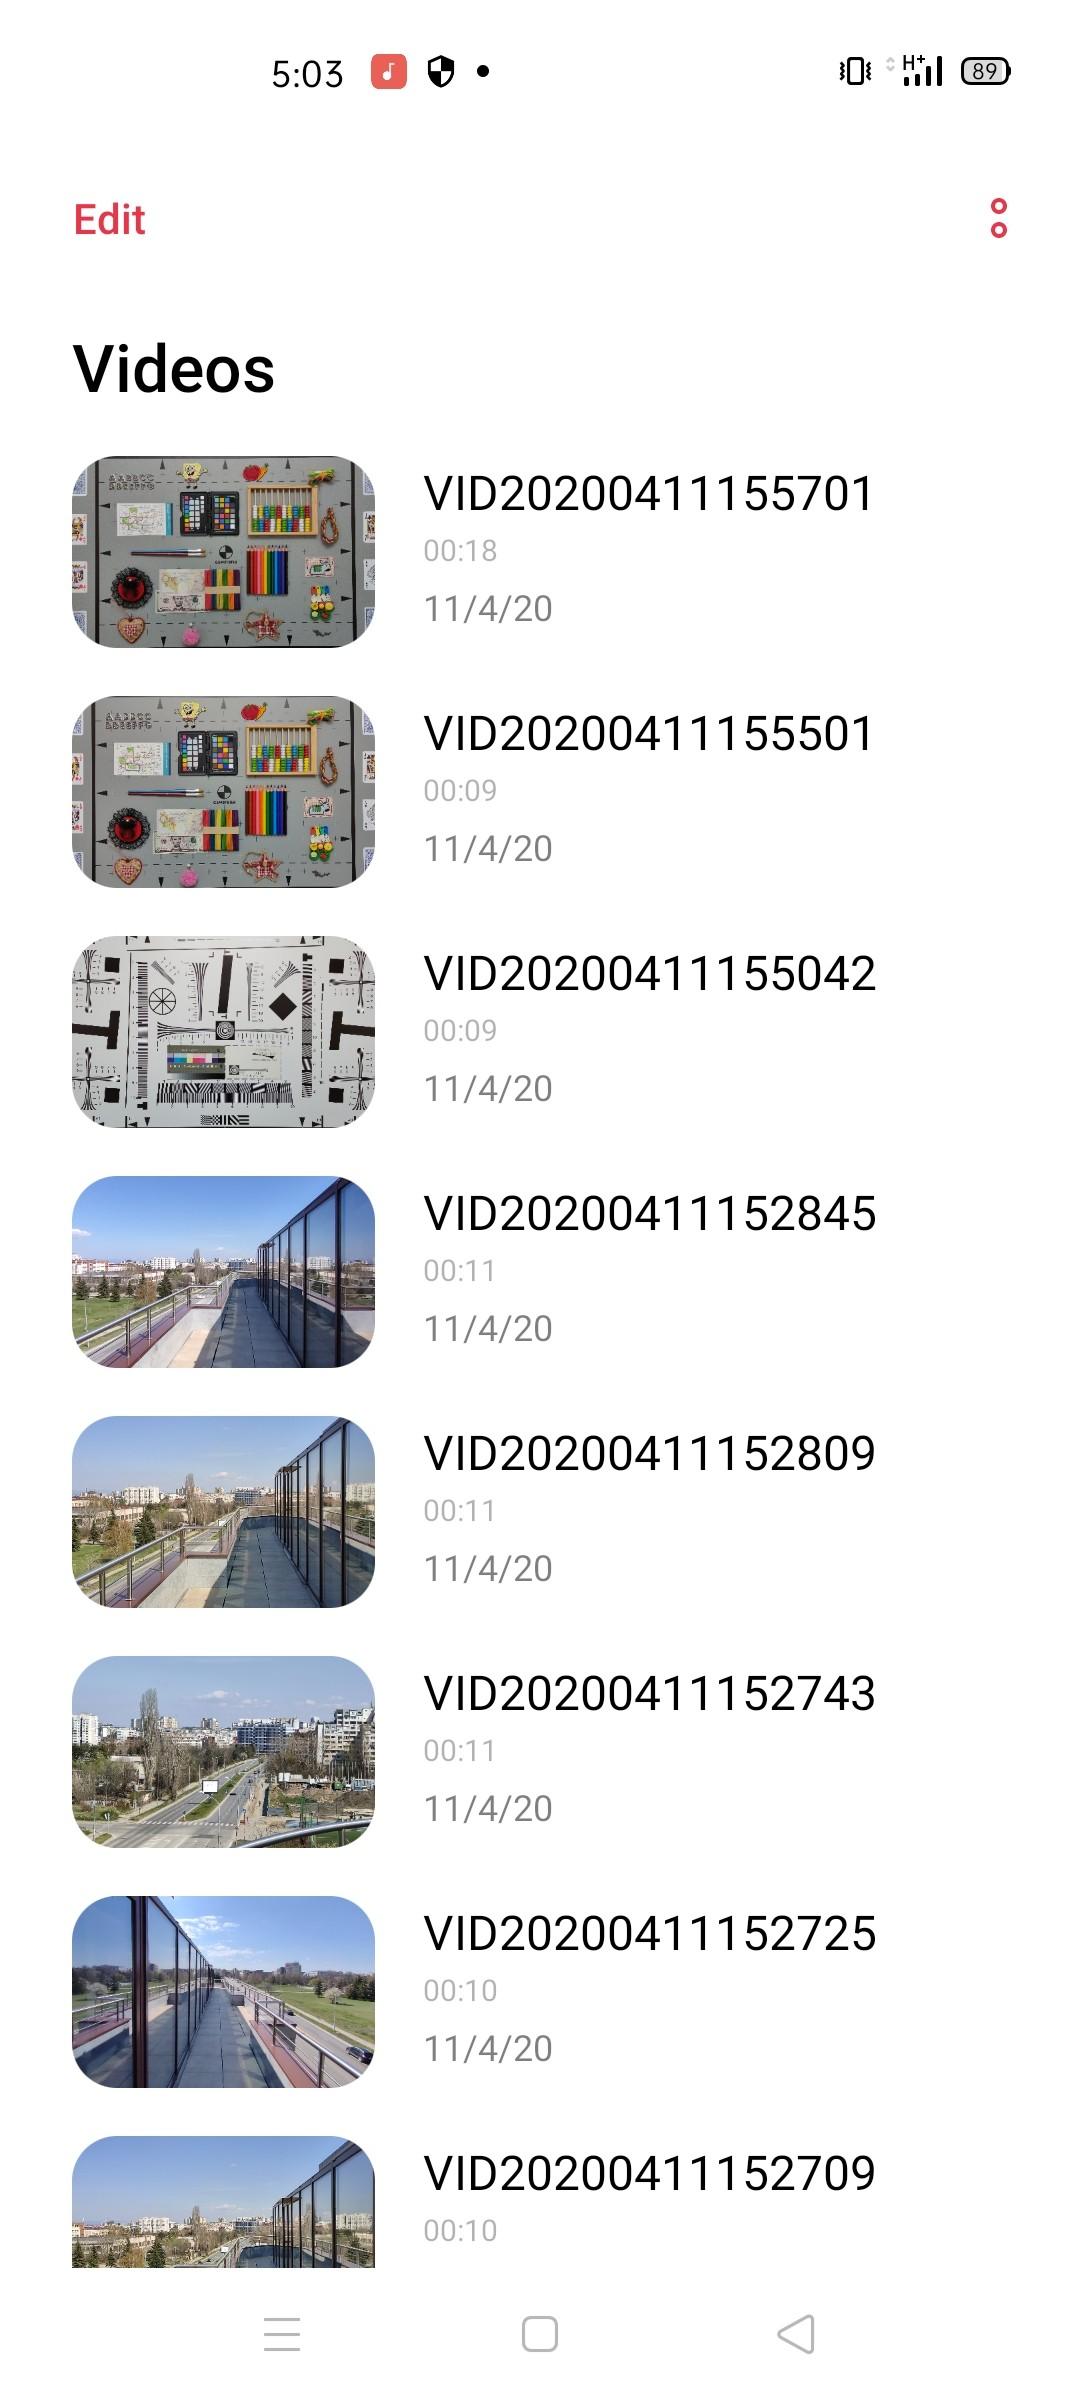 روکیدا - بررسی کامل و تخصصی گوشی Realme X50 Pro: سرشاخ با بزرگان! - ریلمی x50 pro, قیمت گوشی realme x50 pro, قیمت گوشی ریلمی x50 pro, نقد و بررسی, نقد و بررسی گوشی موبایل, گوشی Realme X50 Pro, گوشی Realme X50 Pro 5G, گوشی X50 Pro ریلمی, گوشی ایکس 50 پرو ریلمی